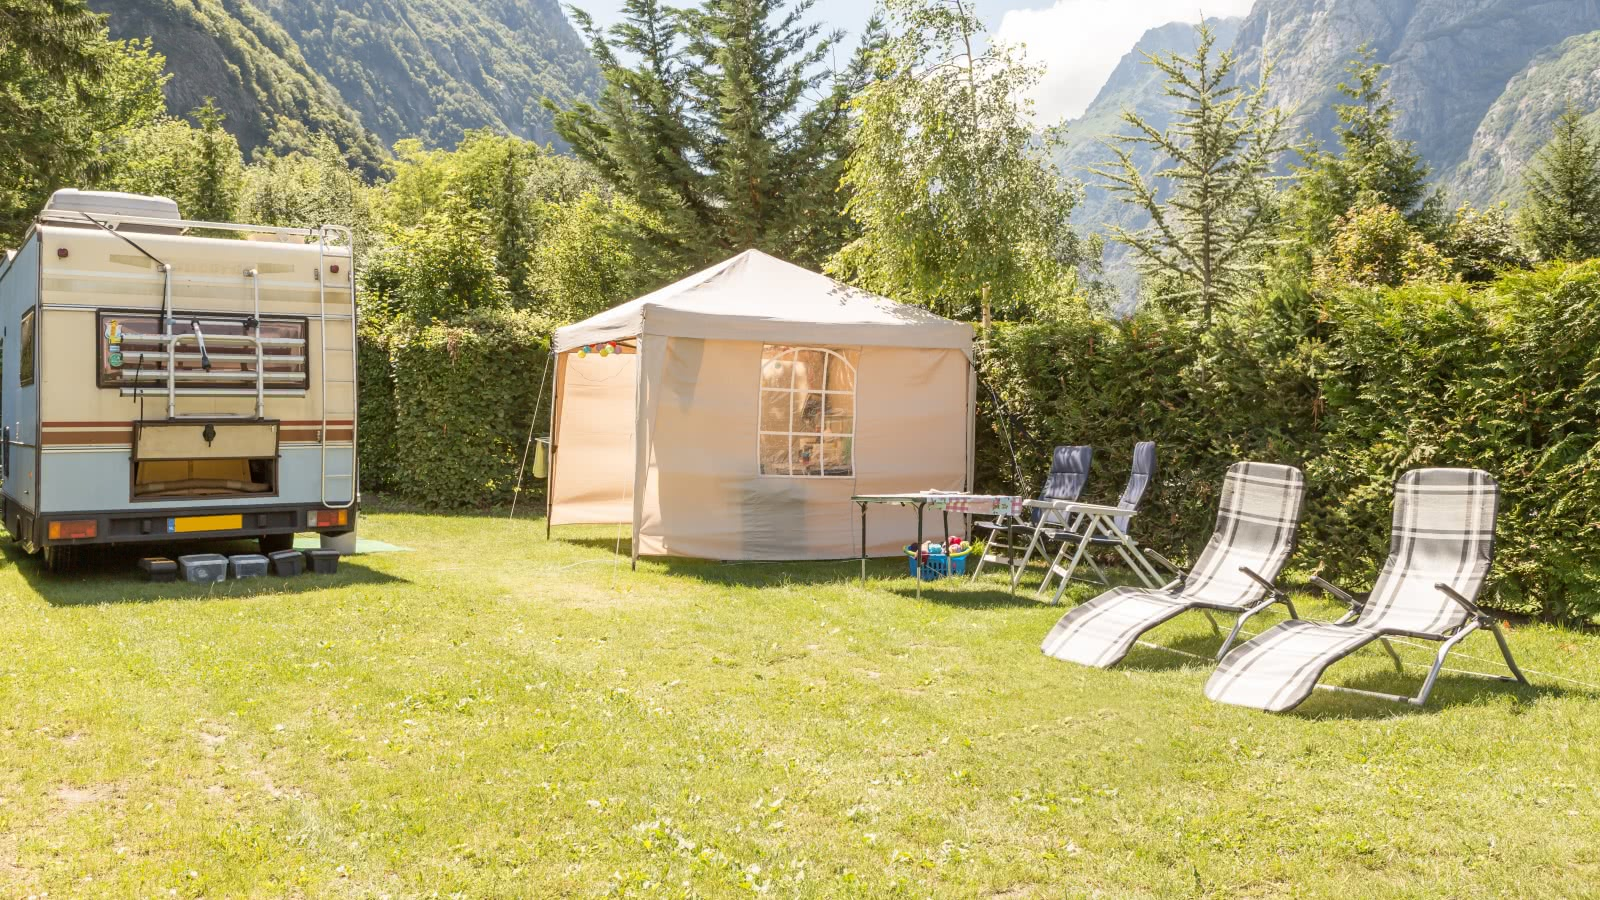 Camping Chateau de Rochetaillée Bourg d'Oisans